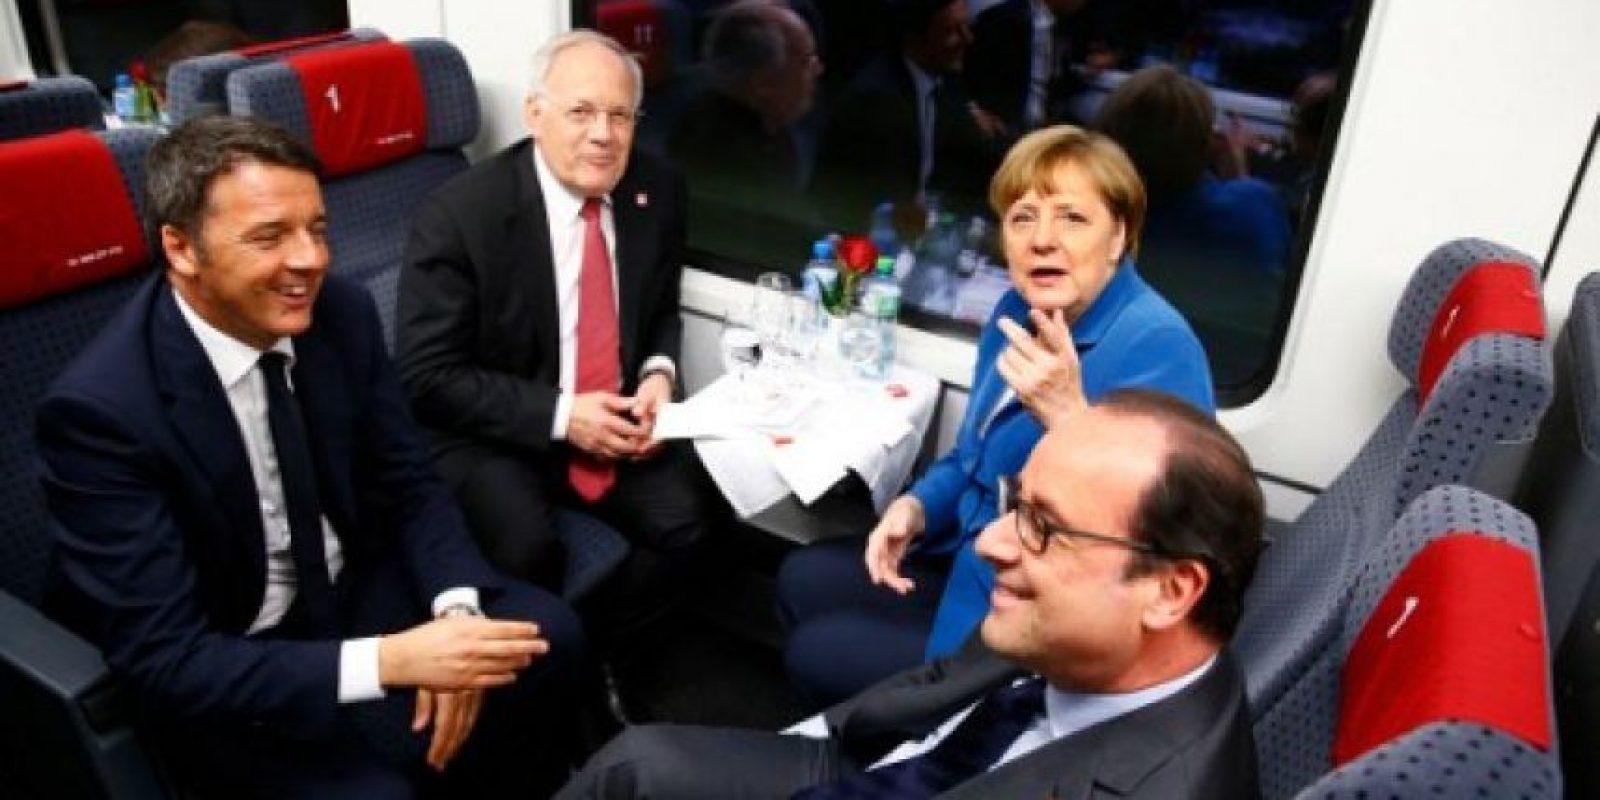 A la inauguración estuvieron invitados, la canciller de Alemania, Angela Merkel, el primer ministro italiano Matteo Renzi, el presidente de Francia, Francois Hollande y por supuesto el jefe de estado suizo Johann Schneider-Ammann Foto:AFP